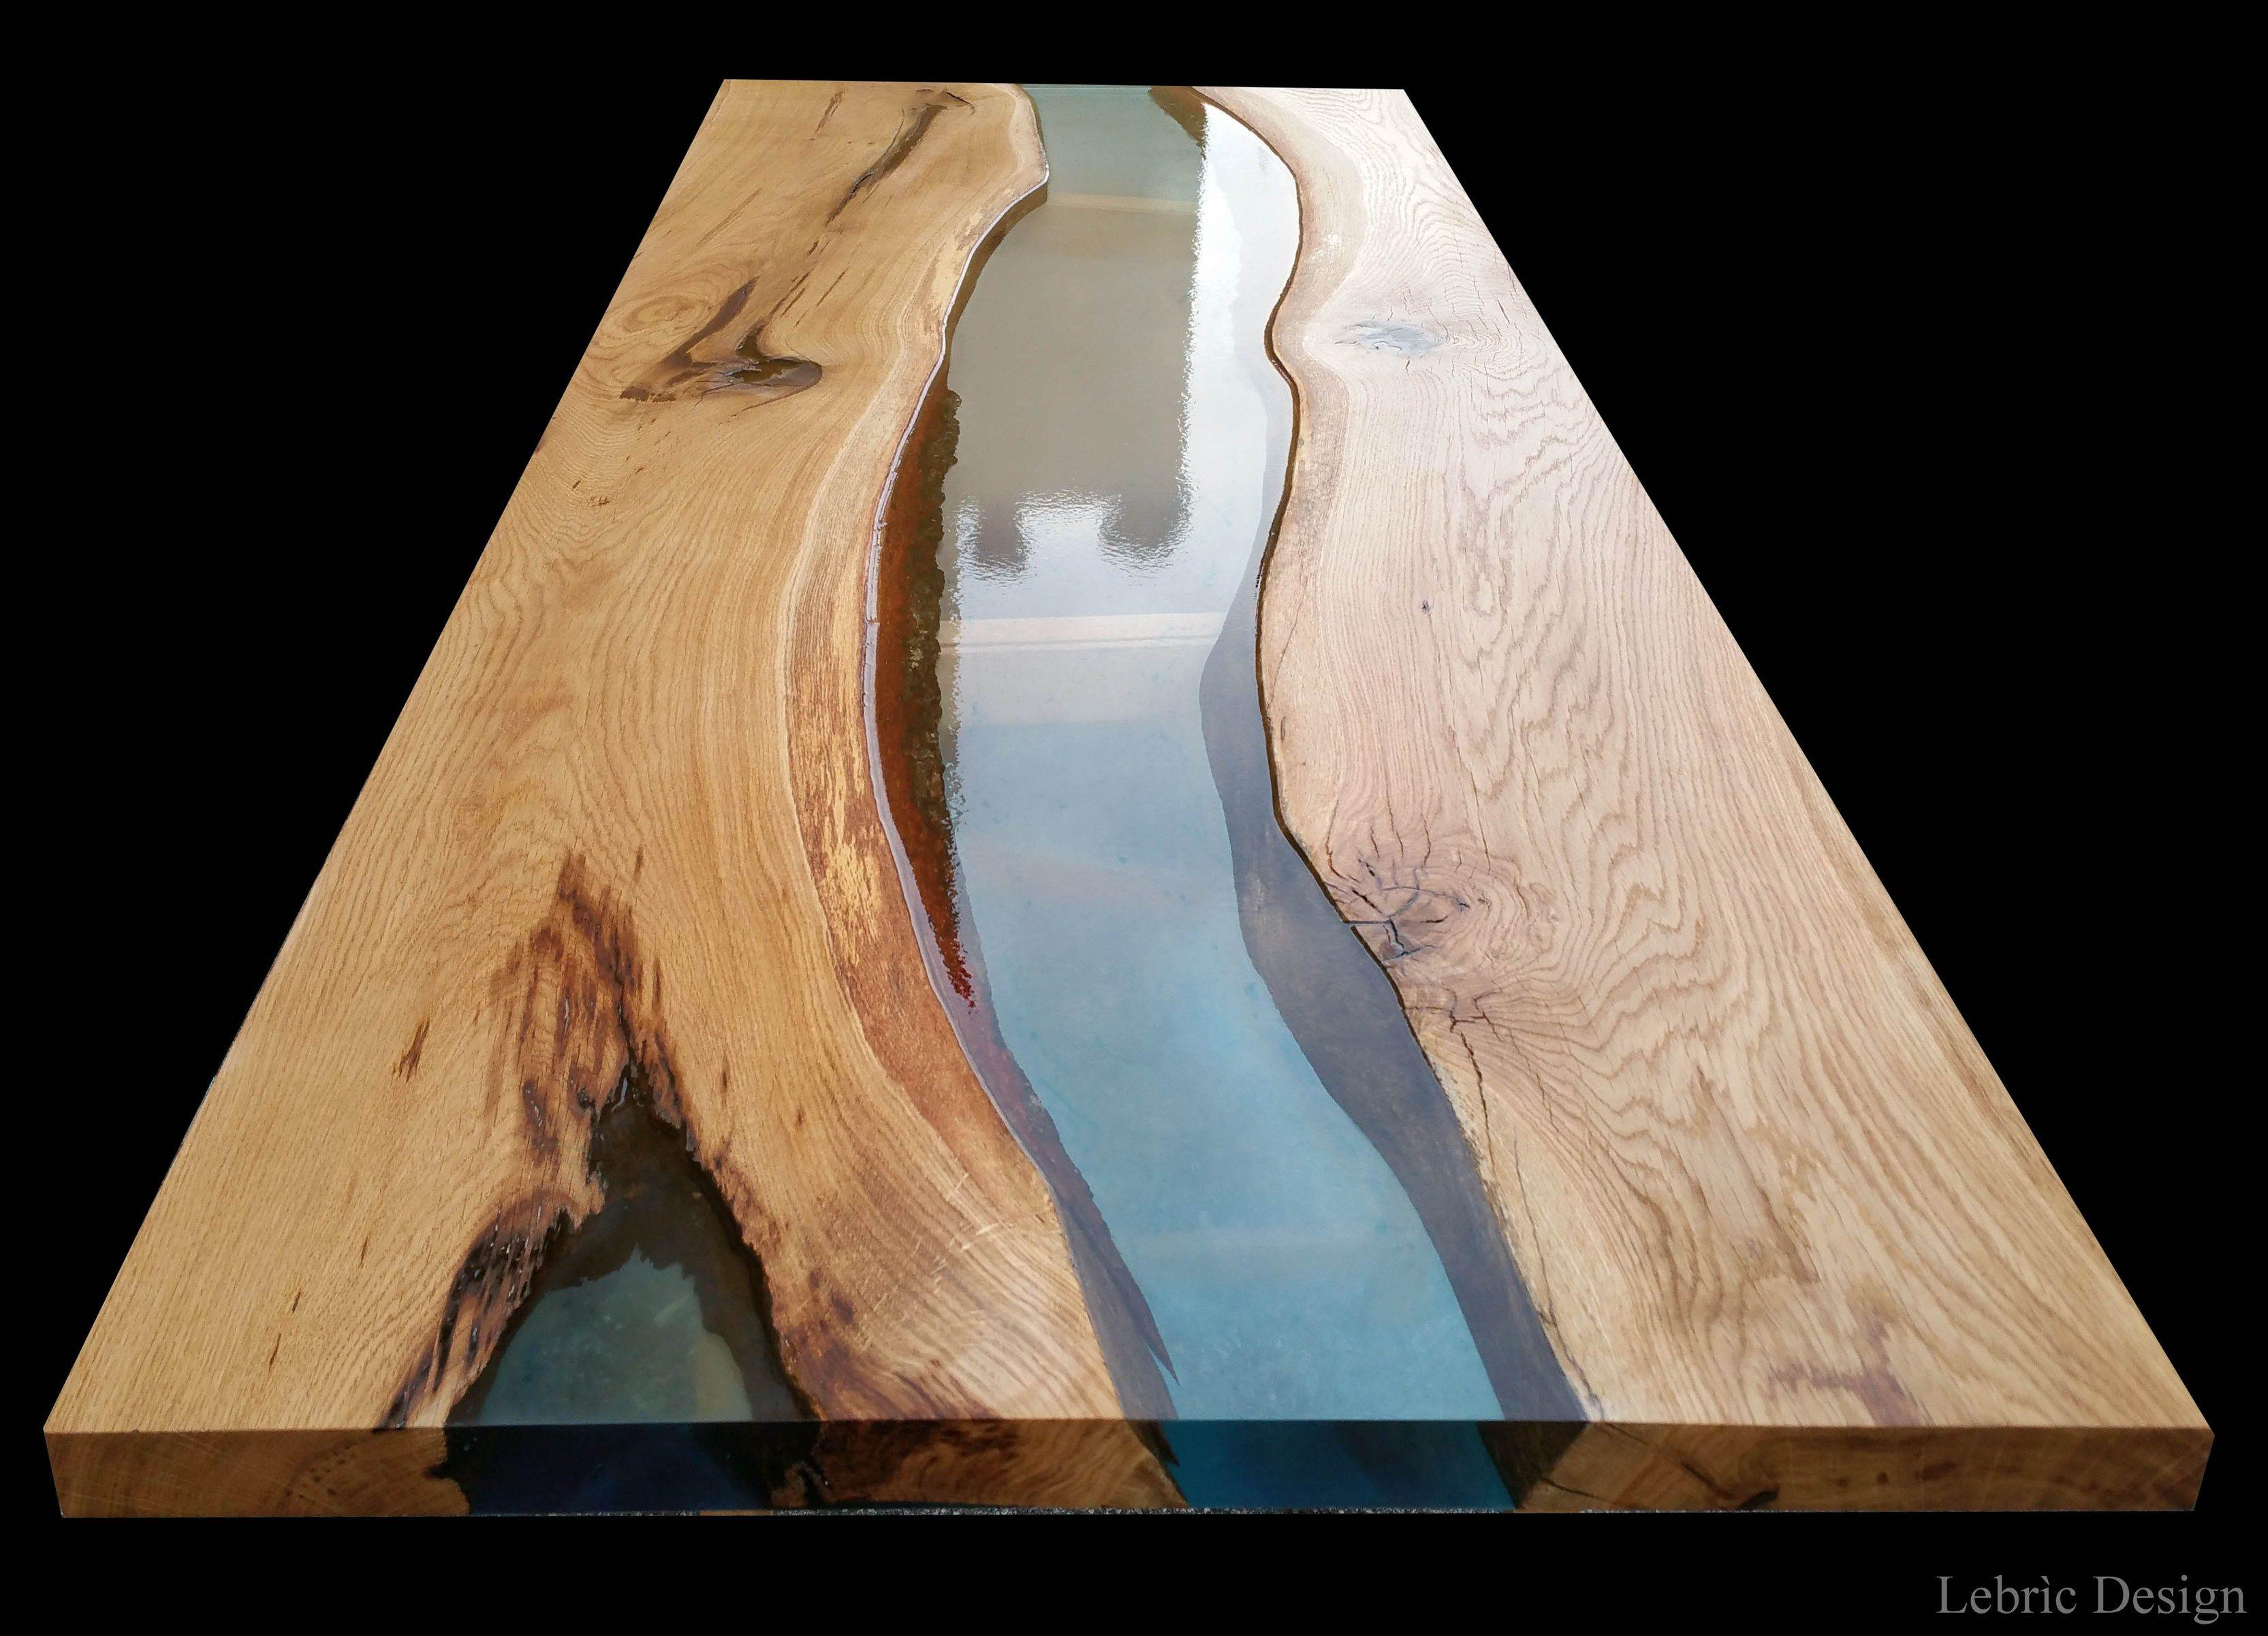 Mobili In Legno Massiccio Trentino tavolo in resina e legno danubio by antico trentino | tavolo